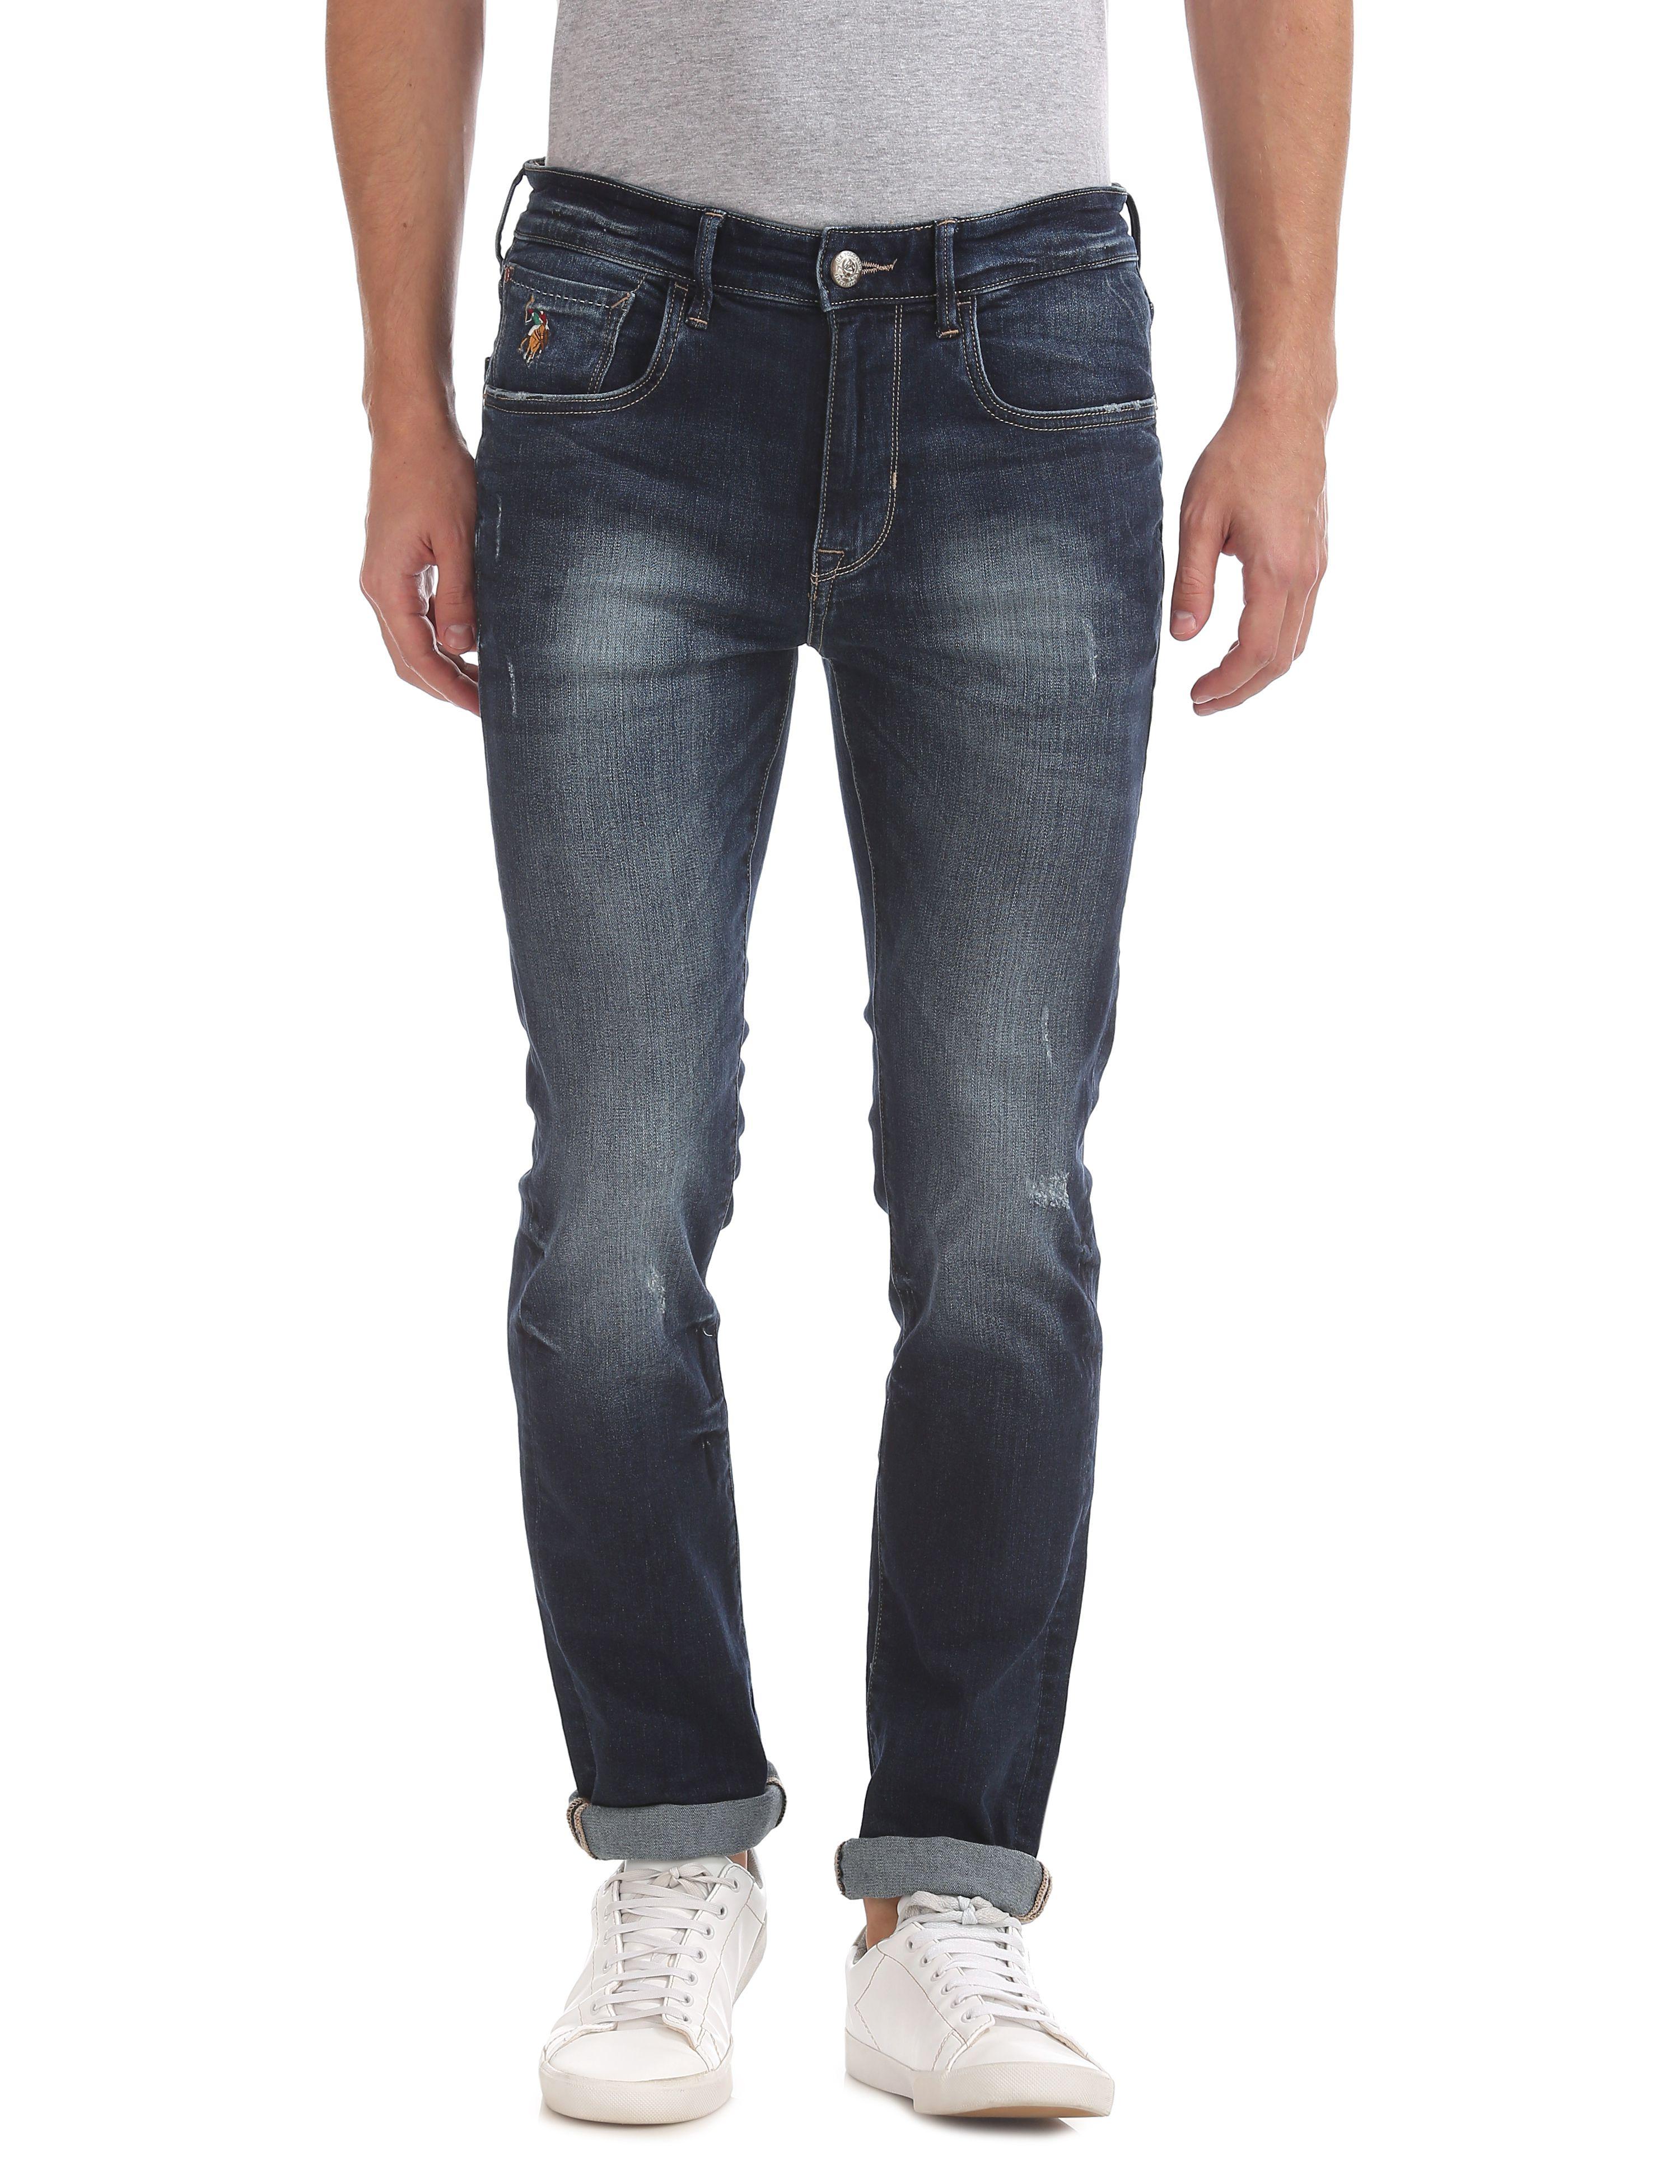 U.S. Polo Assn. Blue Skinny Jeans